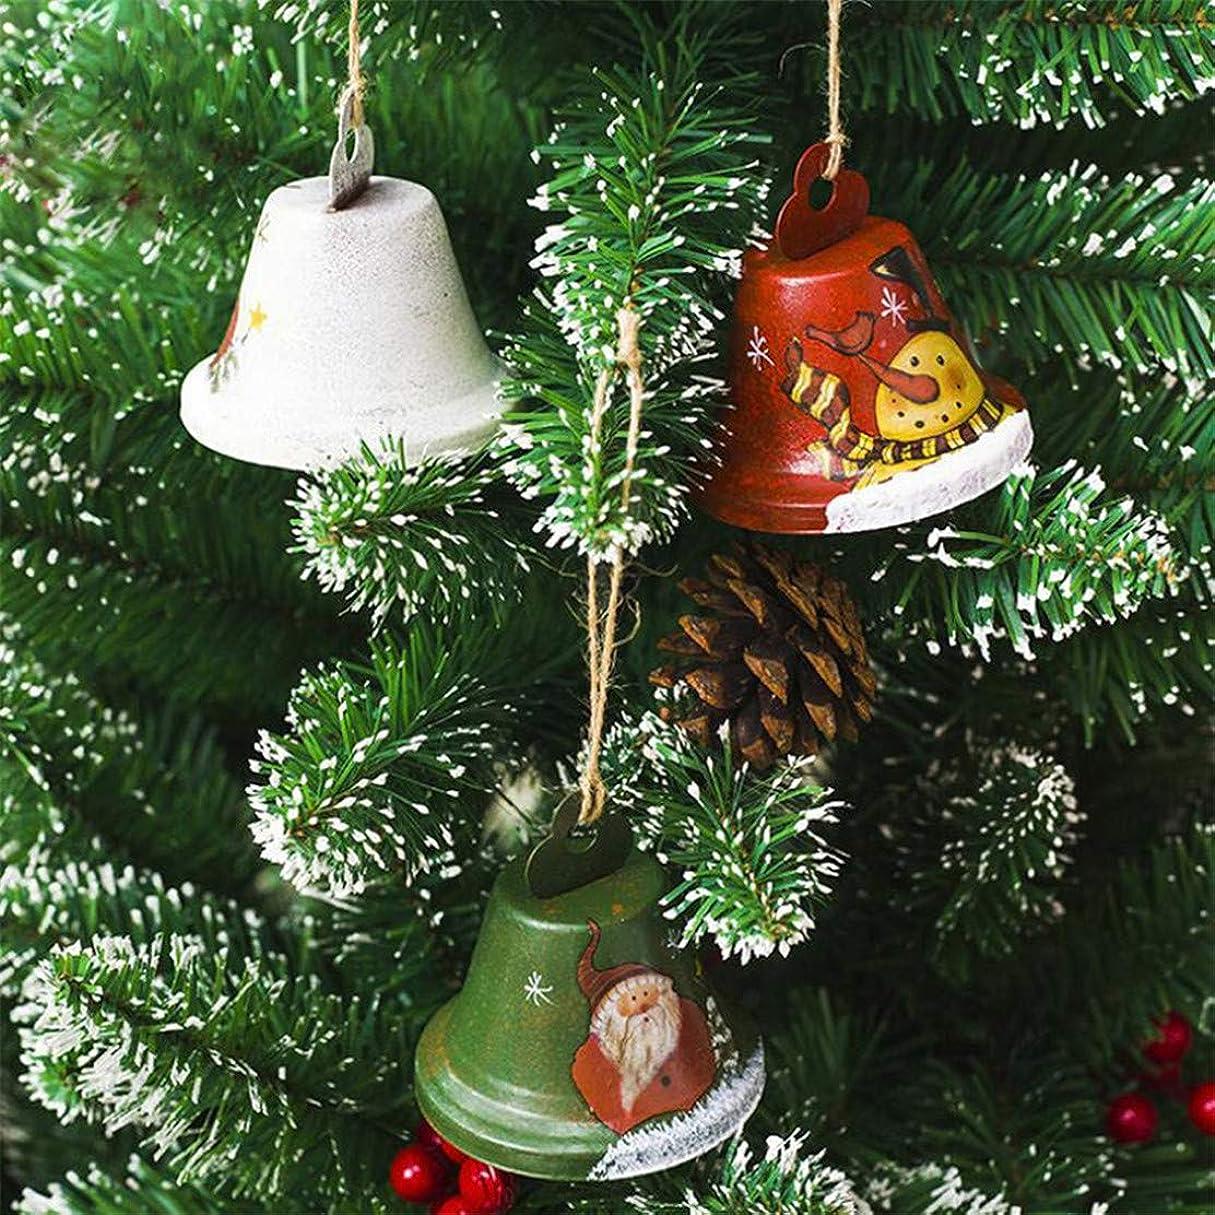 ペレグリネーション一族ブラストKXYSLY クリスマスツリーの飾り クリスマス オーナメント 老人ペンダント ミニクリスマスベルクリスマスの鐘木の装飾小さなヴィンテージぶら下げペンダント クリスマスのドアと窓の装飾 (緑色)